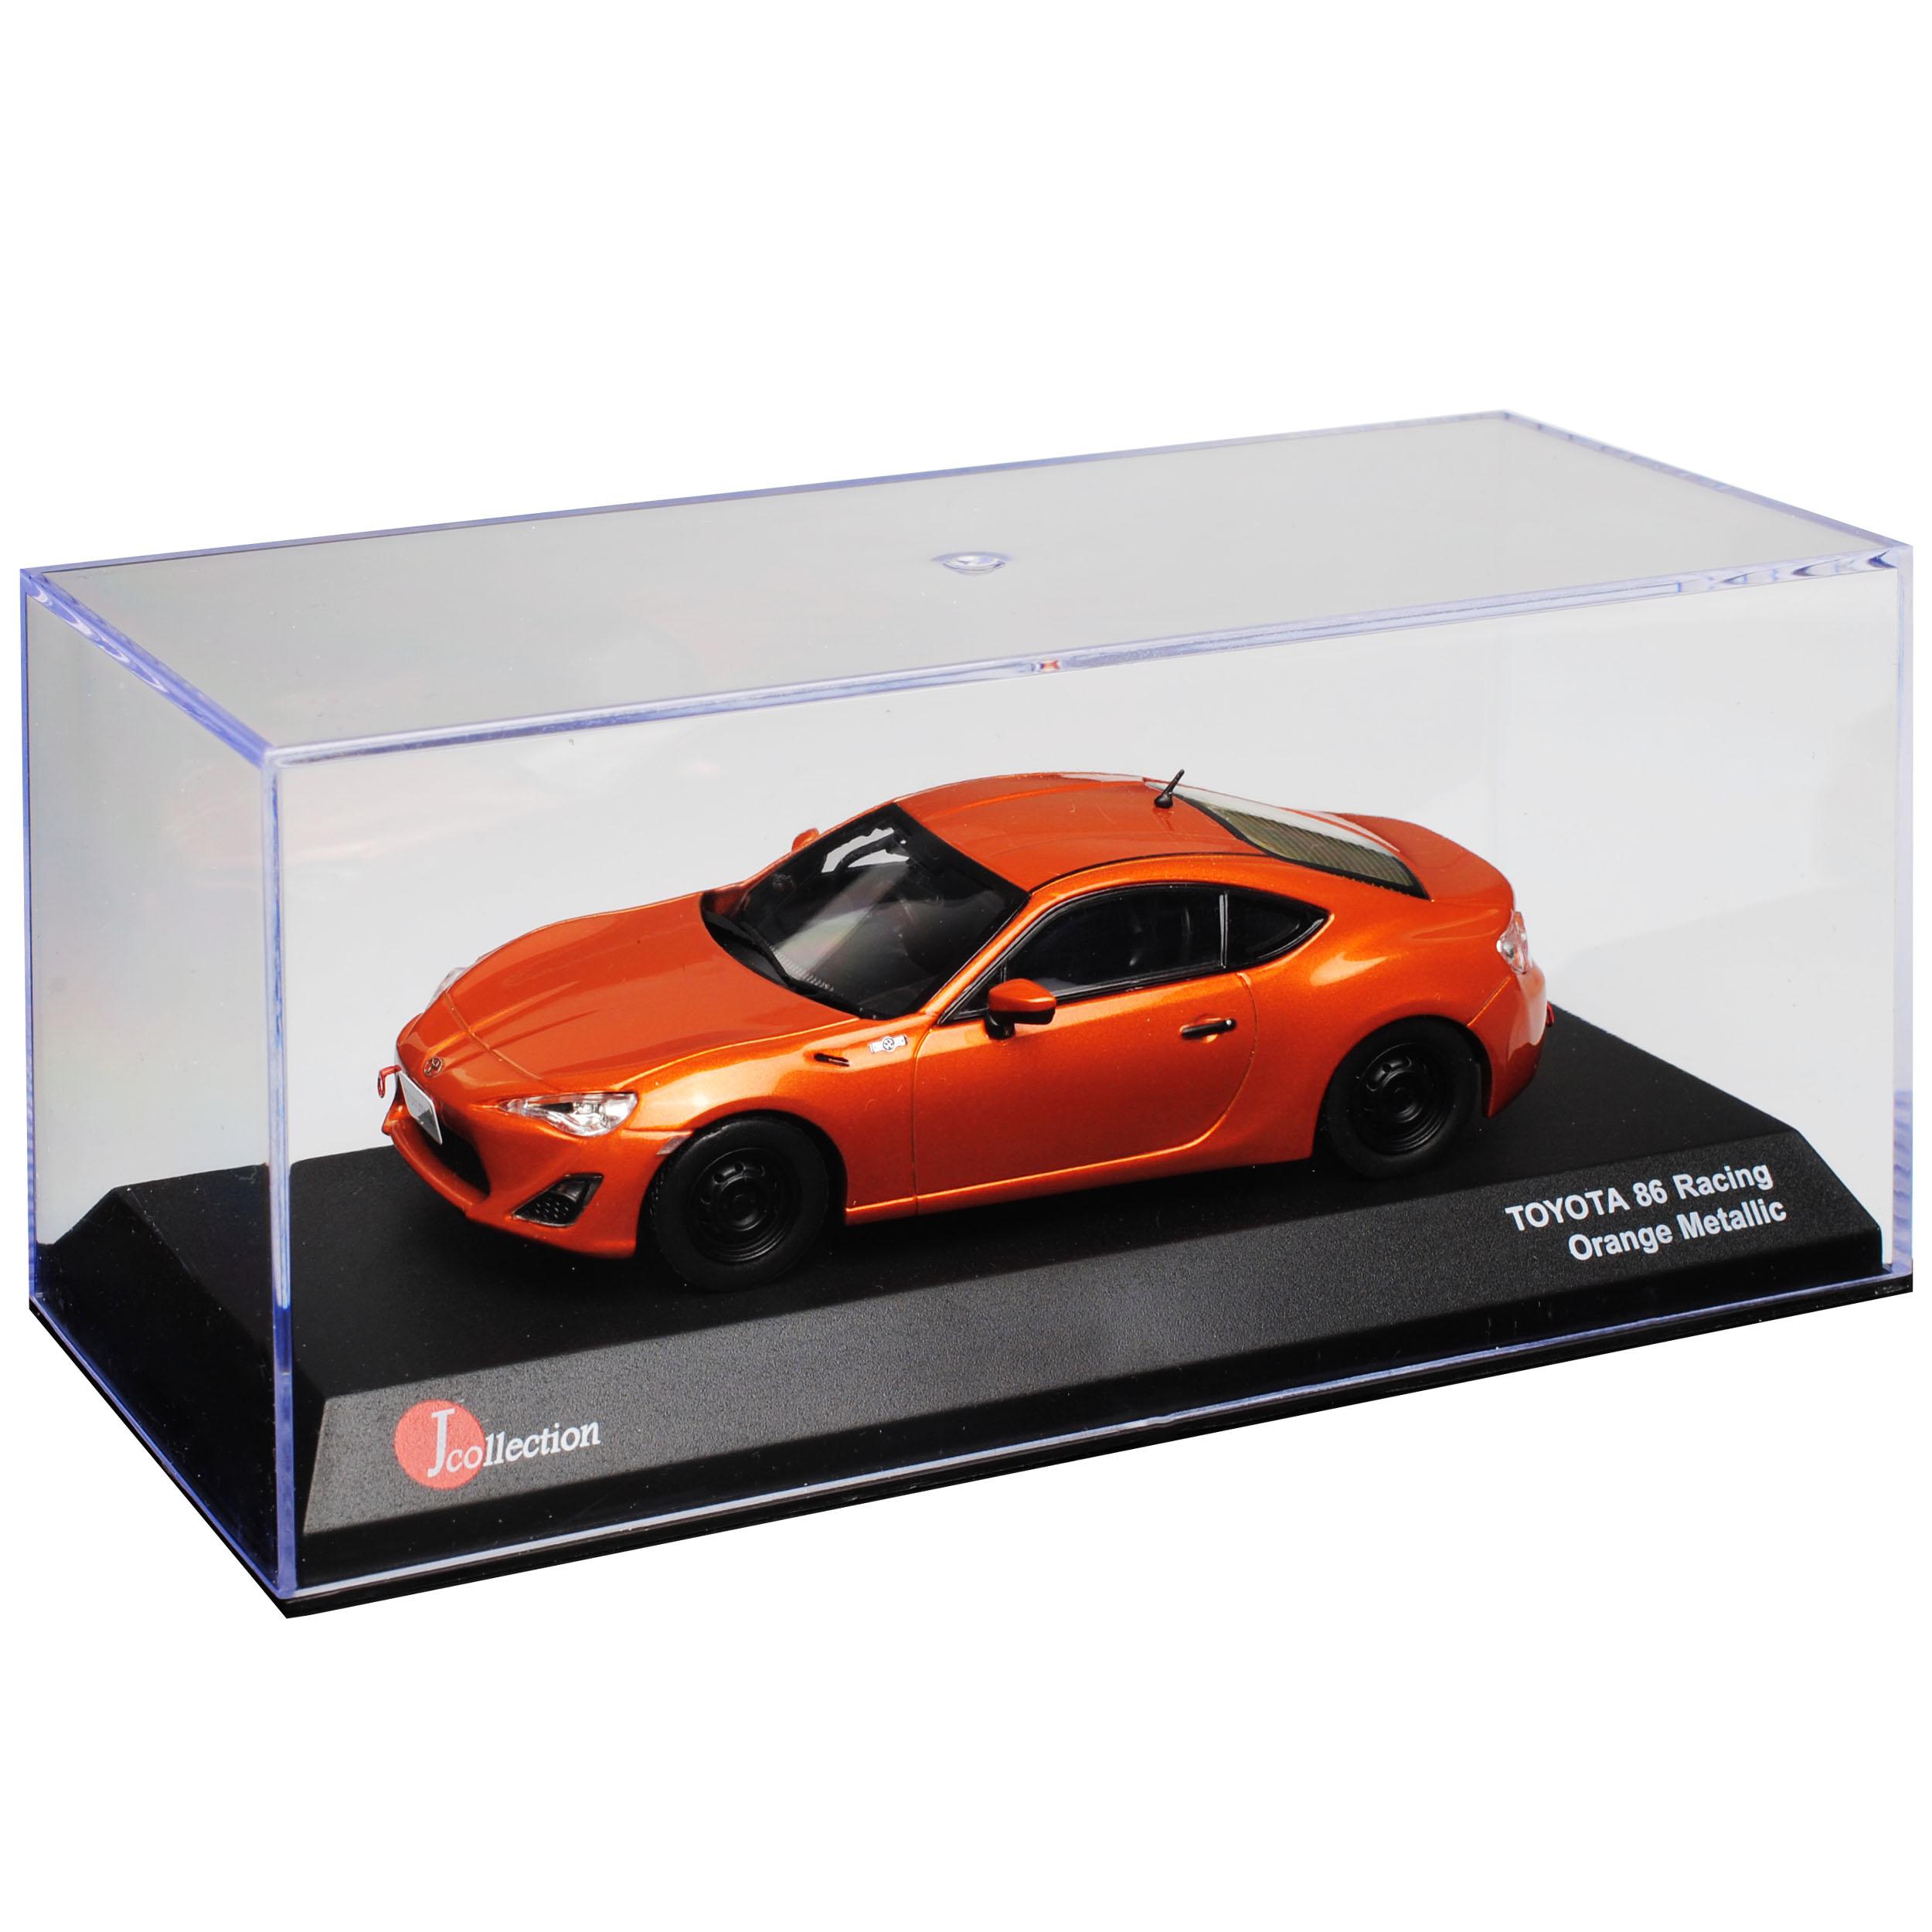 Toyota GT86 Racing Orange Metallic Ab Ab Ab 2012 1 43 Kyosho J-Collection Modell Aut..  | Won hoch geschätzt und weithin vertraut im in- und Ausland vertraut  92e51d